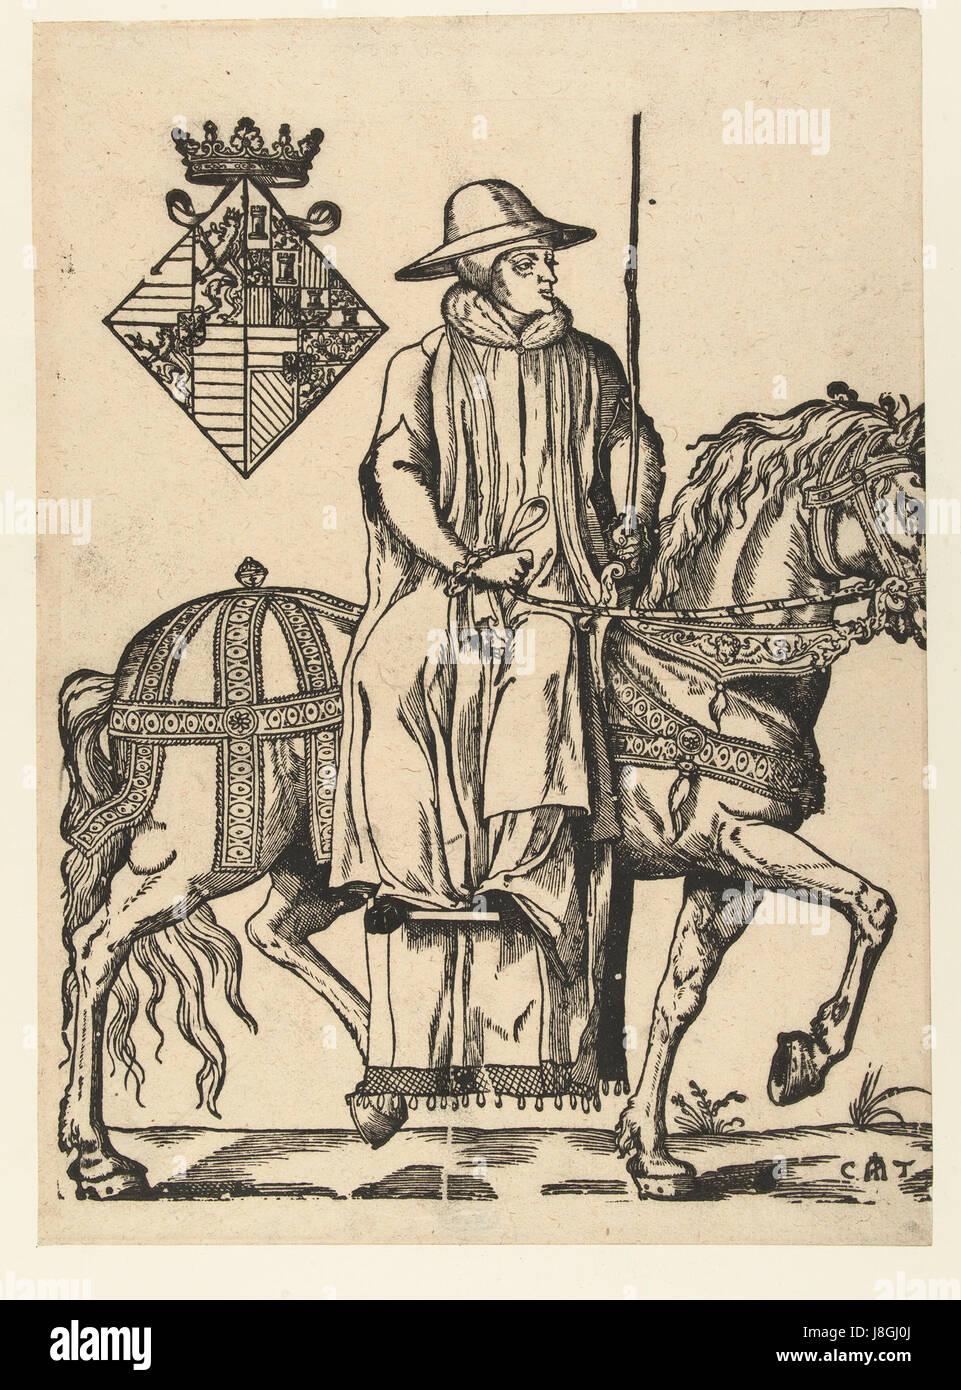 Marie de hongrie par Cornelis Anthonisz2.jsp - Stock Image